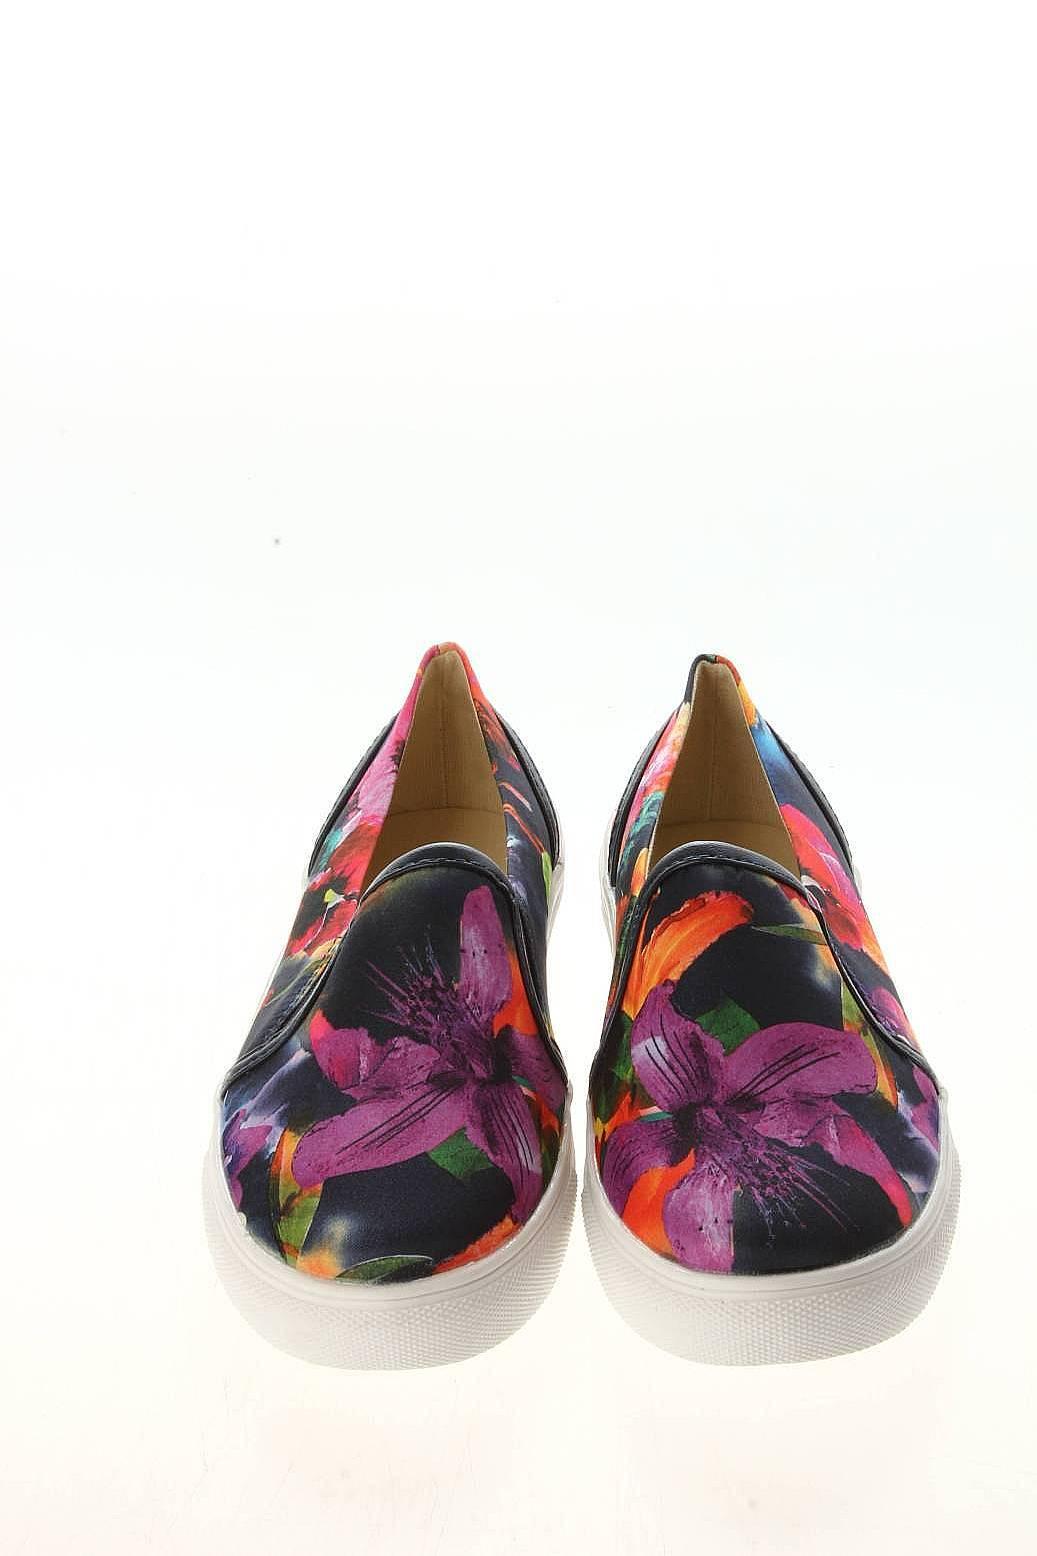 Мужская Обувь Детская Обувь Женская Обувь Кеды: EVITA Обувь